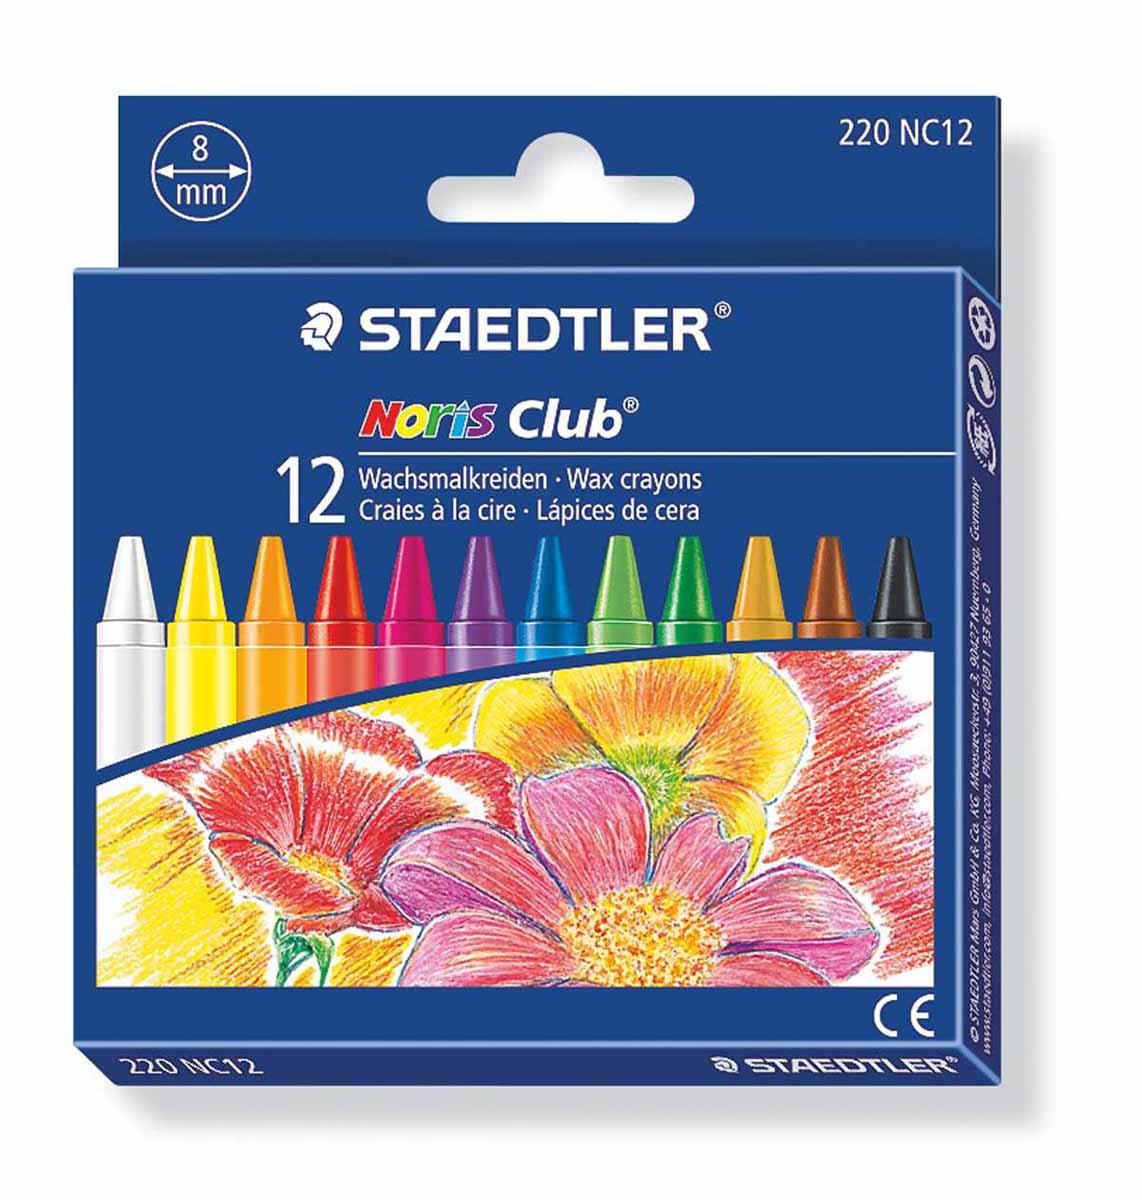 Staedtler Набор восковых мелков Noris Club 12 цветов220NC1203Набор восковых мелков Staedtler Noris Club содержит 12 ярких насыщенных цветов и оттенков. Мелки предназначены для рисования по бумаге, картону, стеклу, керамике, пластику. Не токсичны и абсолютно безопасны.Каждый мелок обернут в бумажную гильзу. Диаметр каждого мелка - 8 мм.